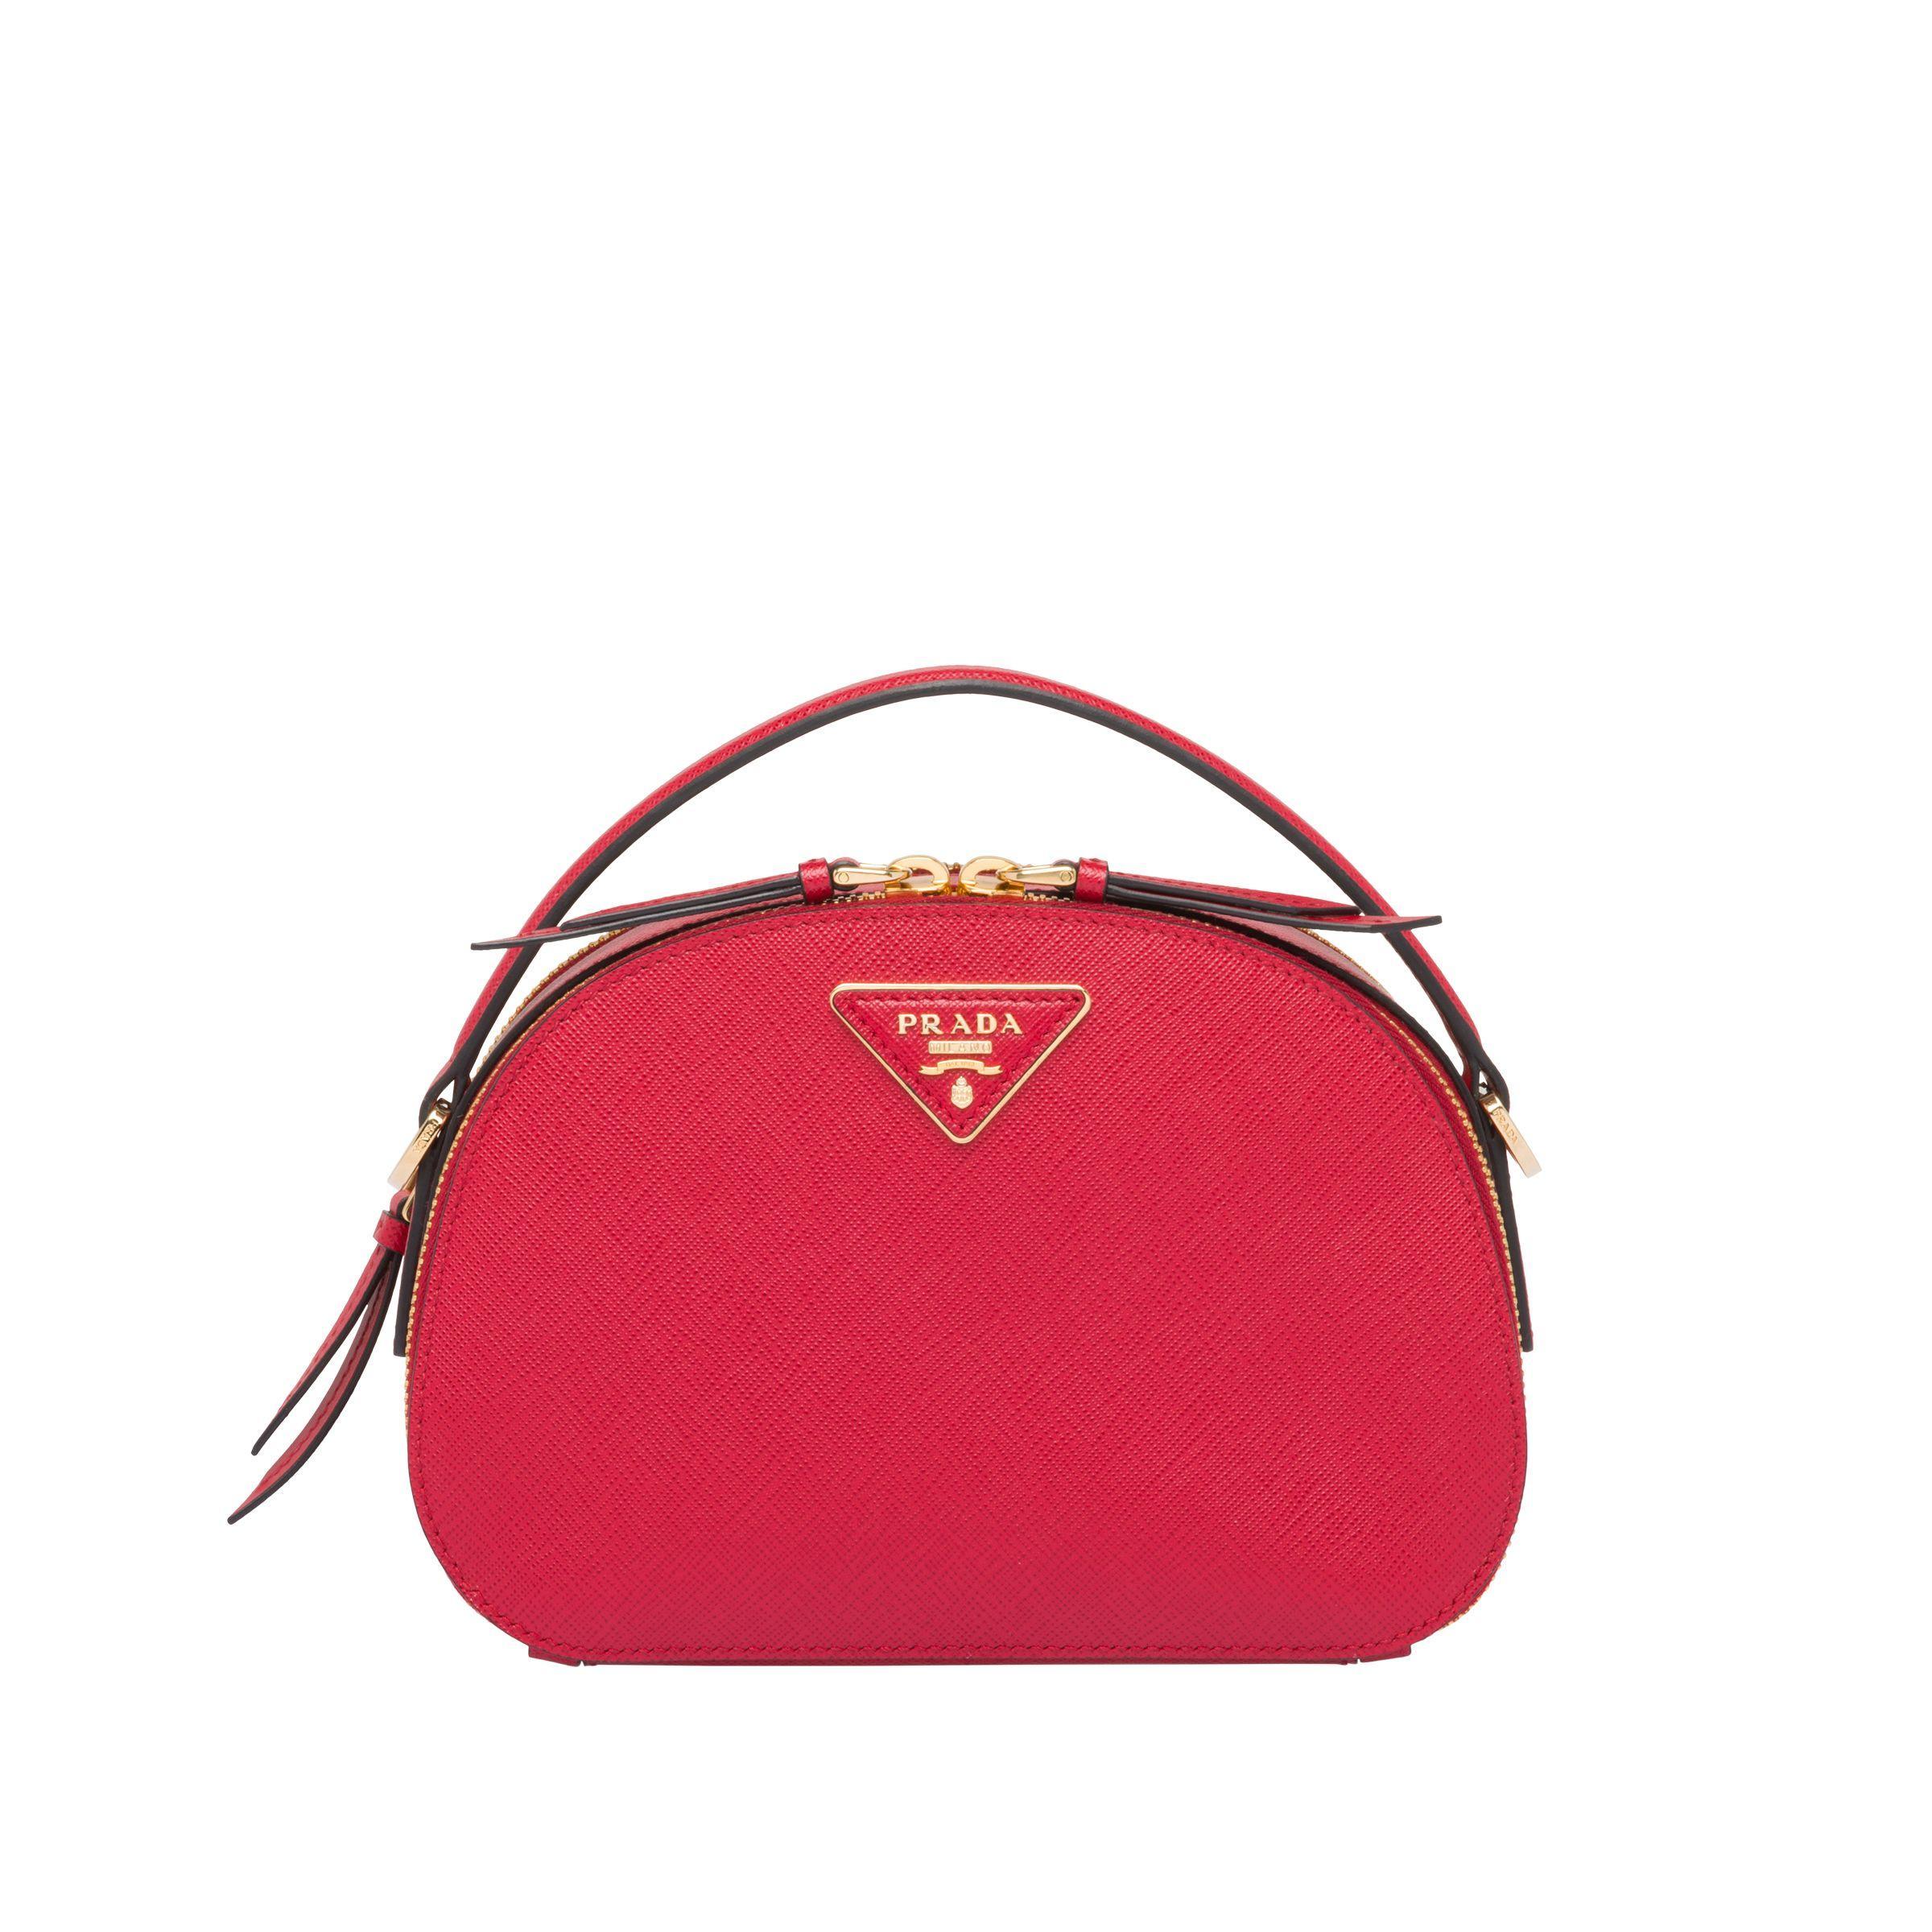 c2e5b8203c9d15 Prada - Red Odette Saffiano Leather Bag - Lyst. View fullscreen